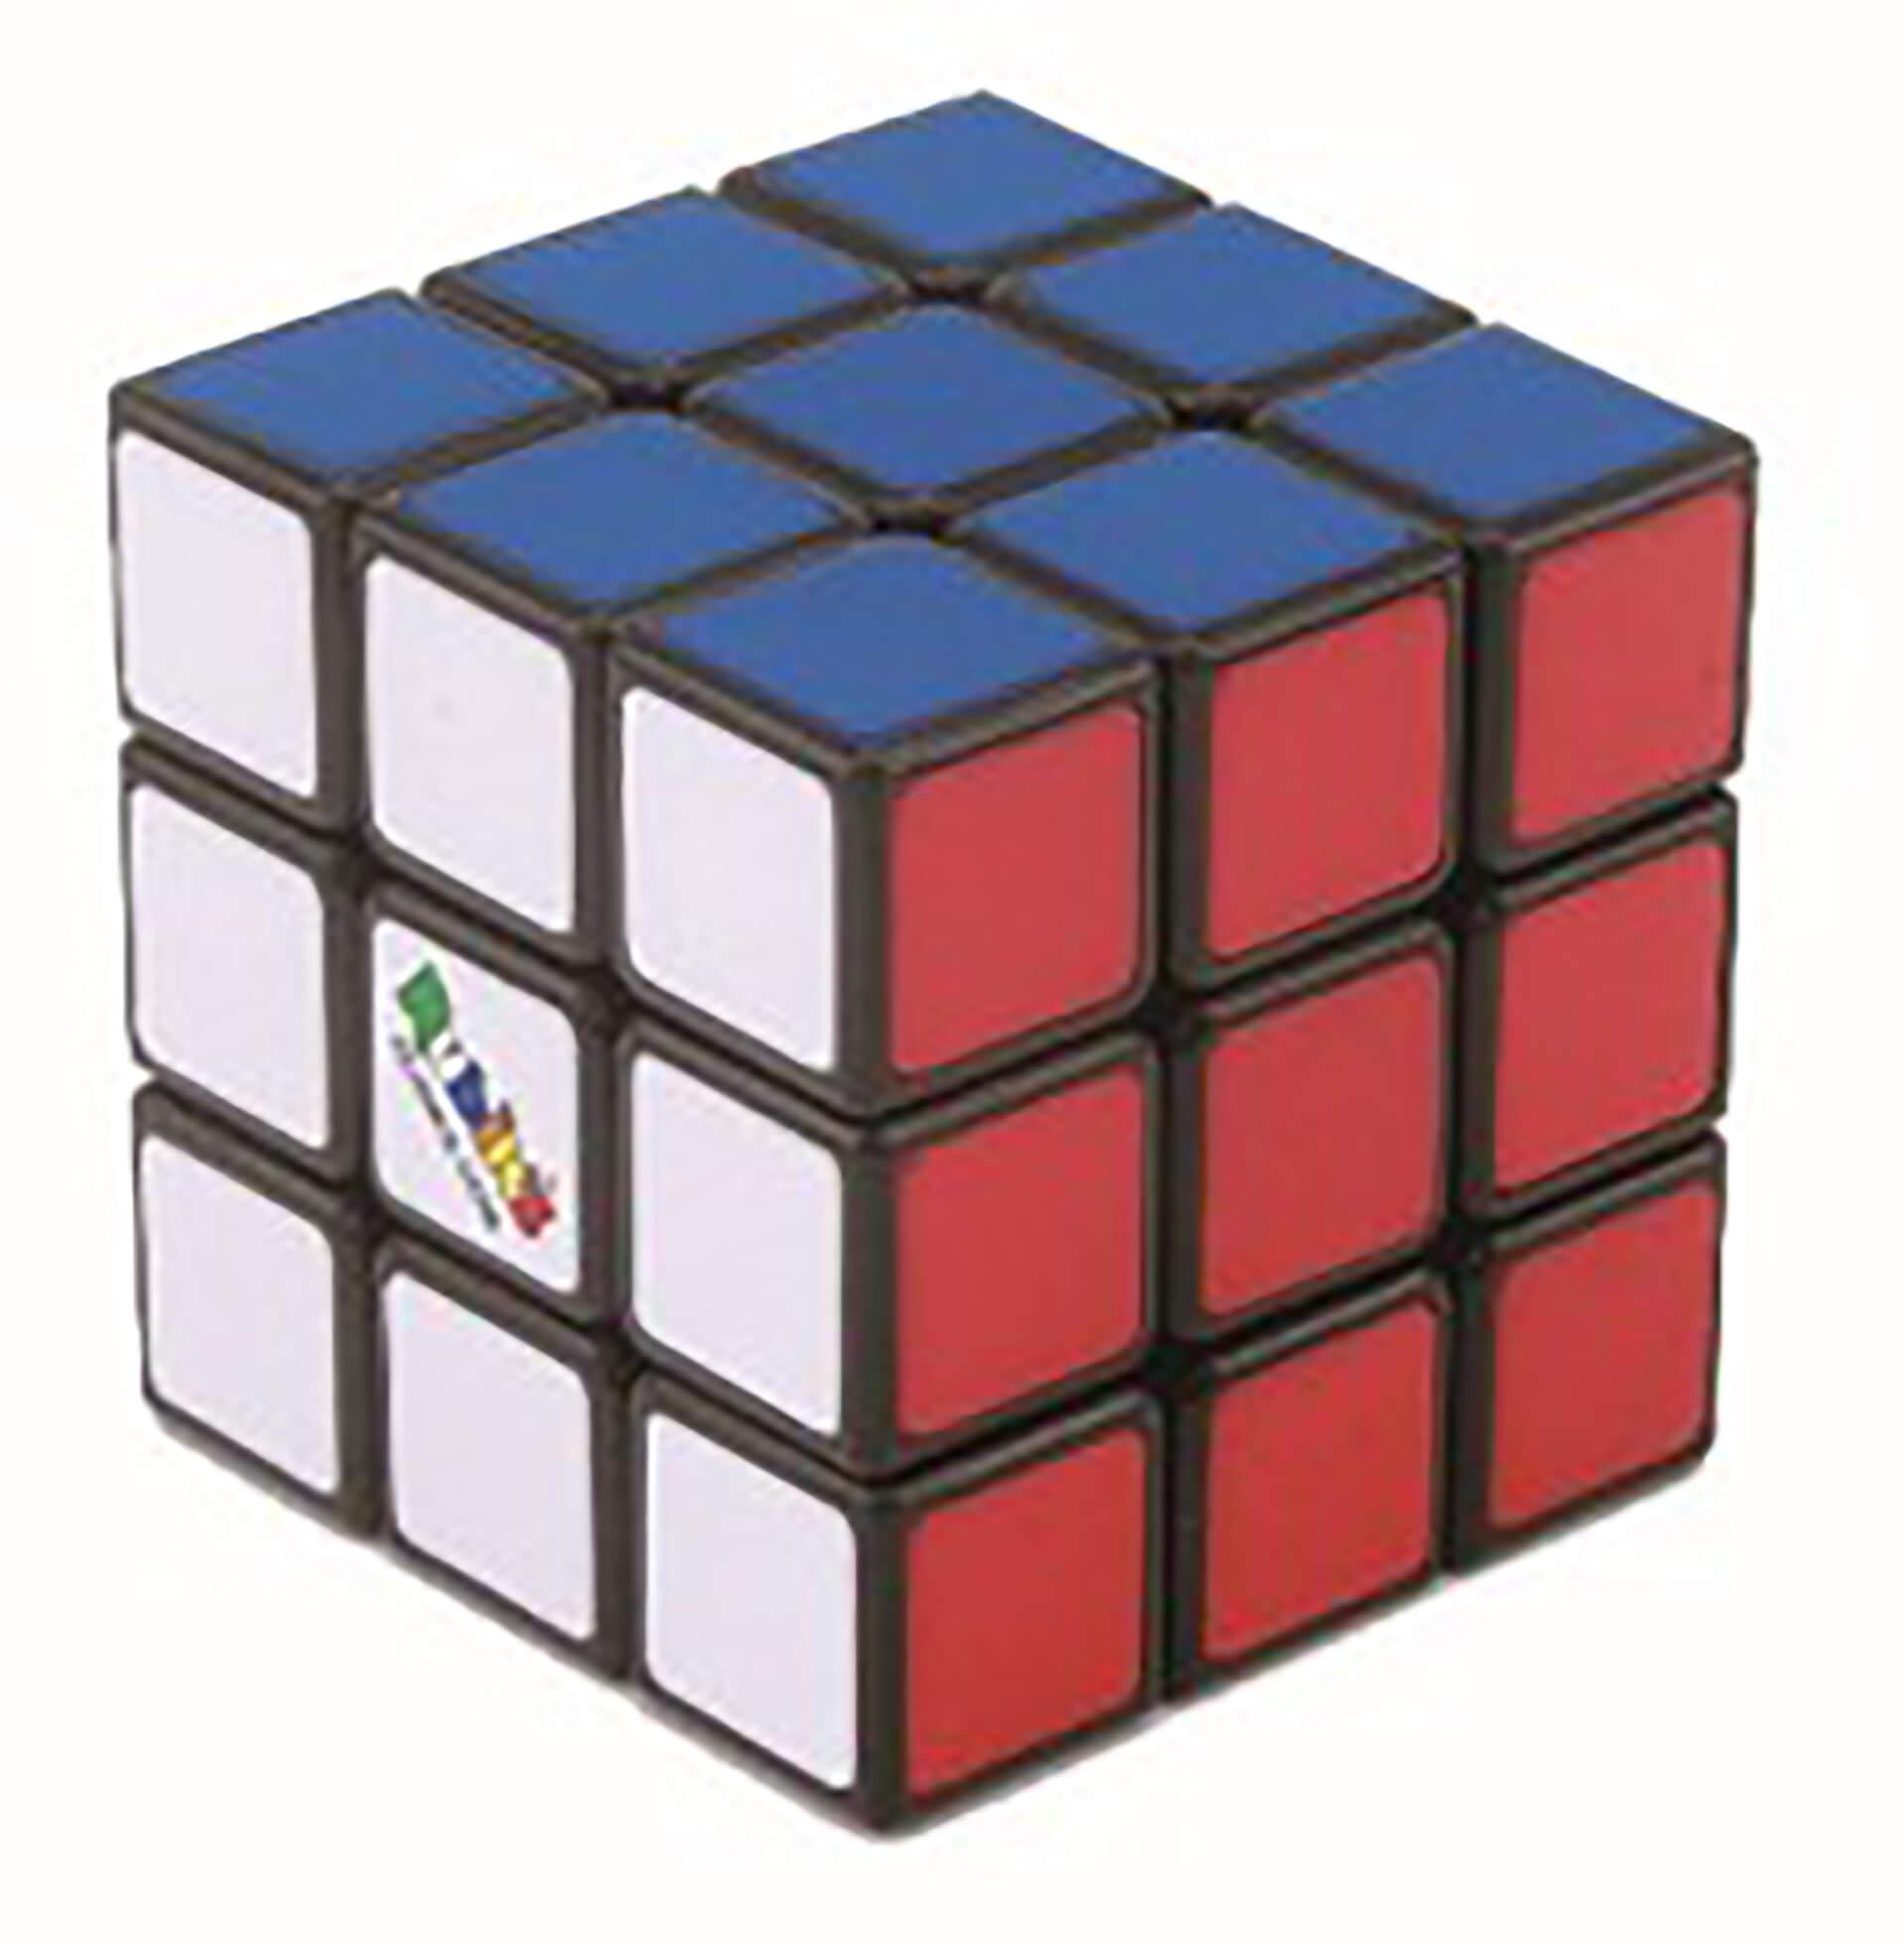 この写真は、キャラクションキューブ ポップアップストアを主催するメーカーのルービックキューブ単体